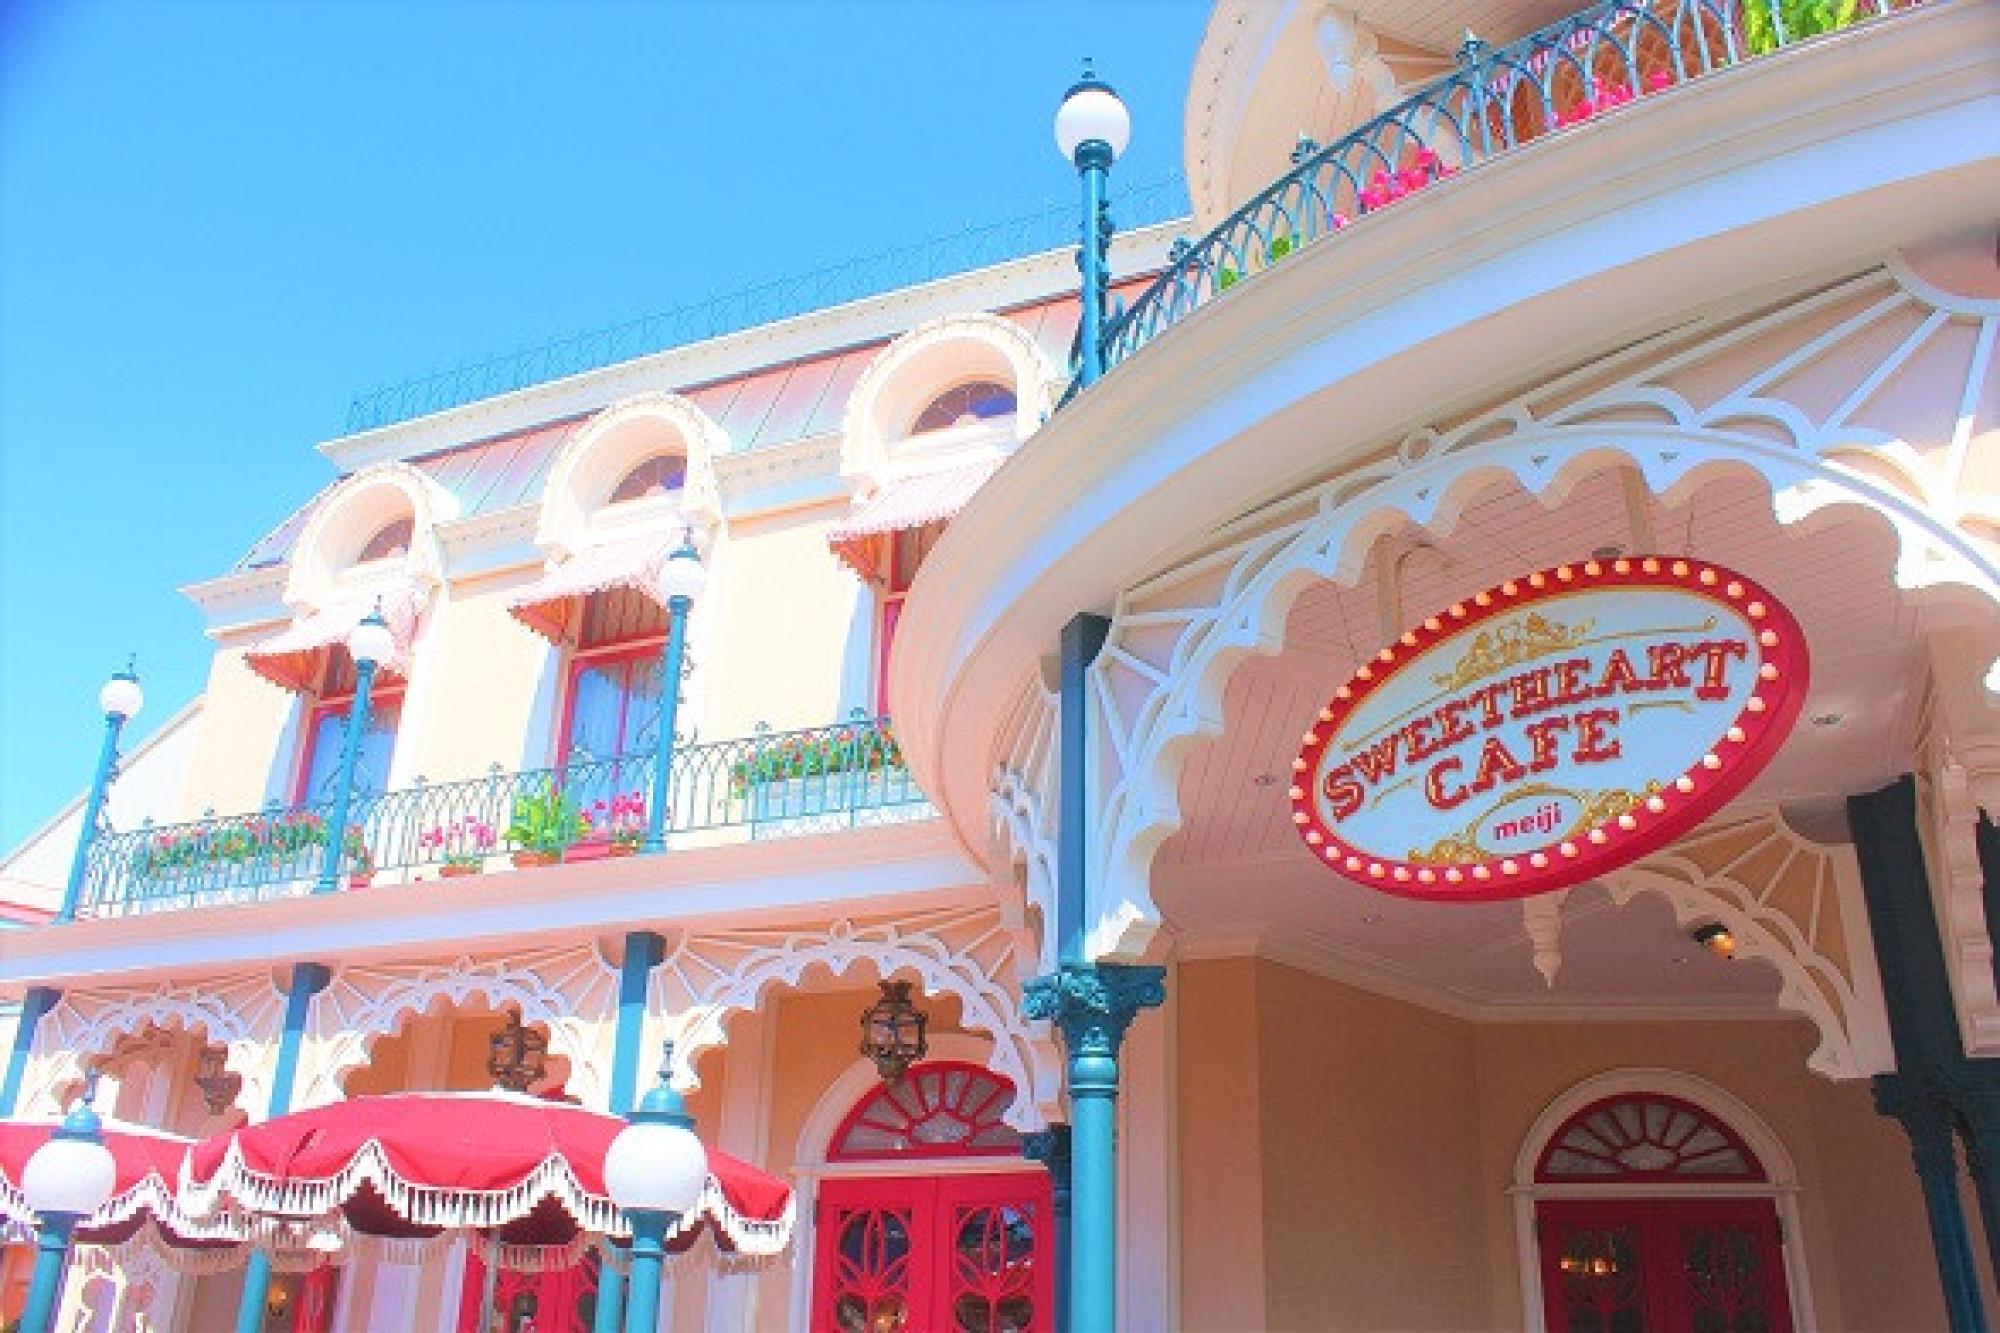 ディズニーランドのパンは、スウィートハート・カフェで買える!